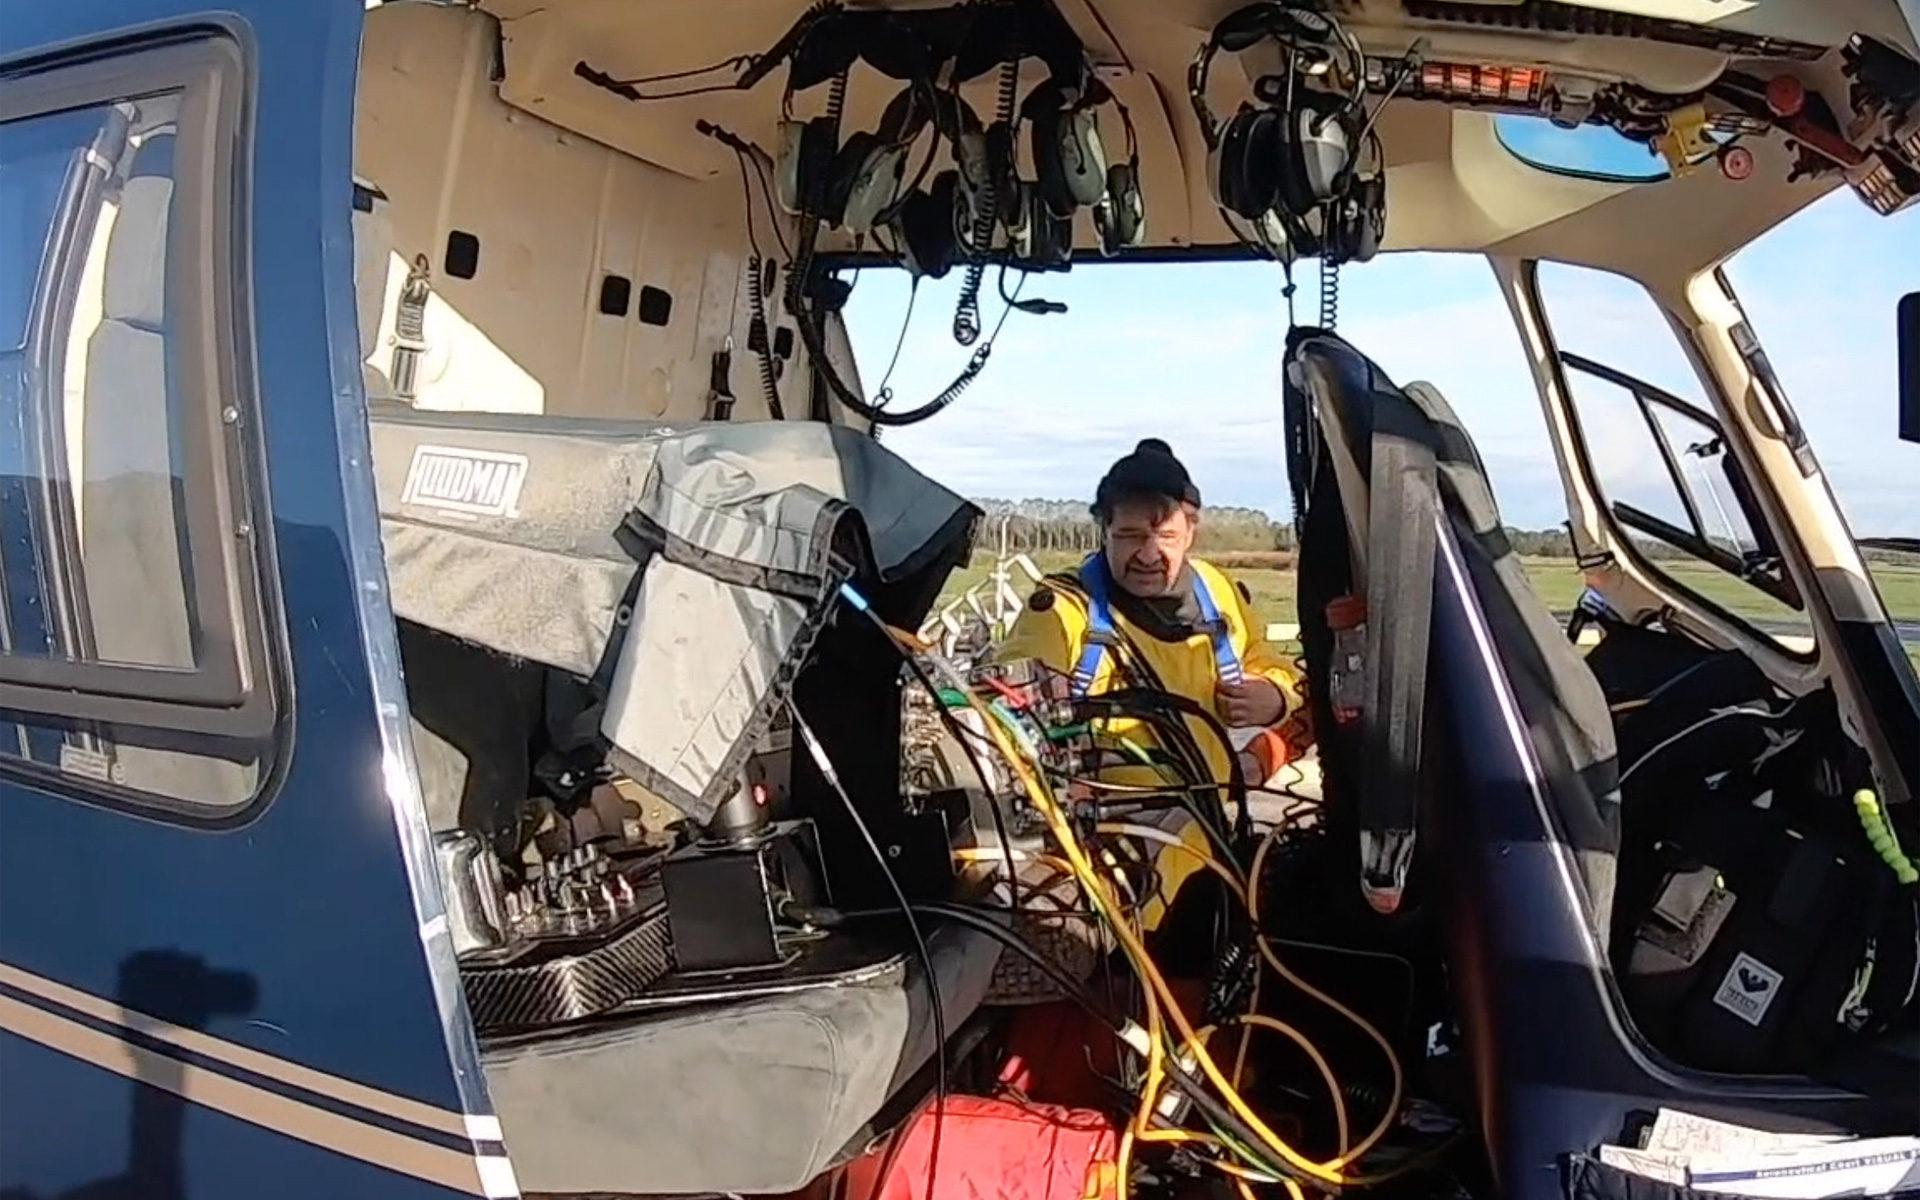 Fotograf und Producer auf dem Weg in den Helicopter